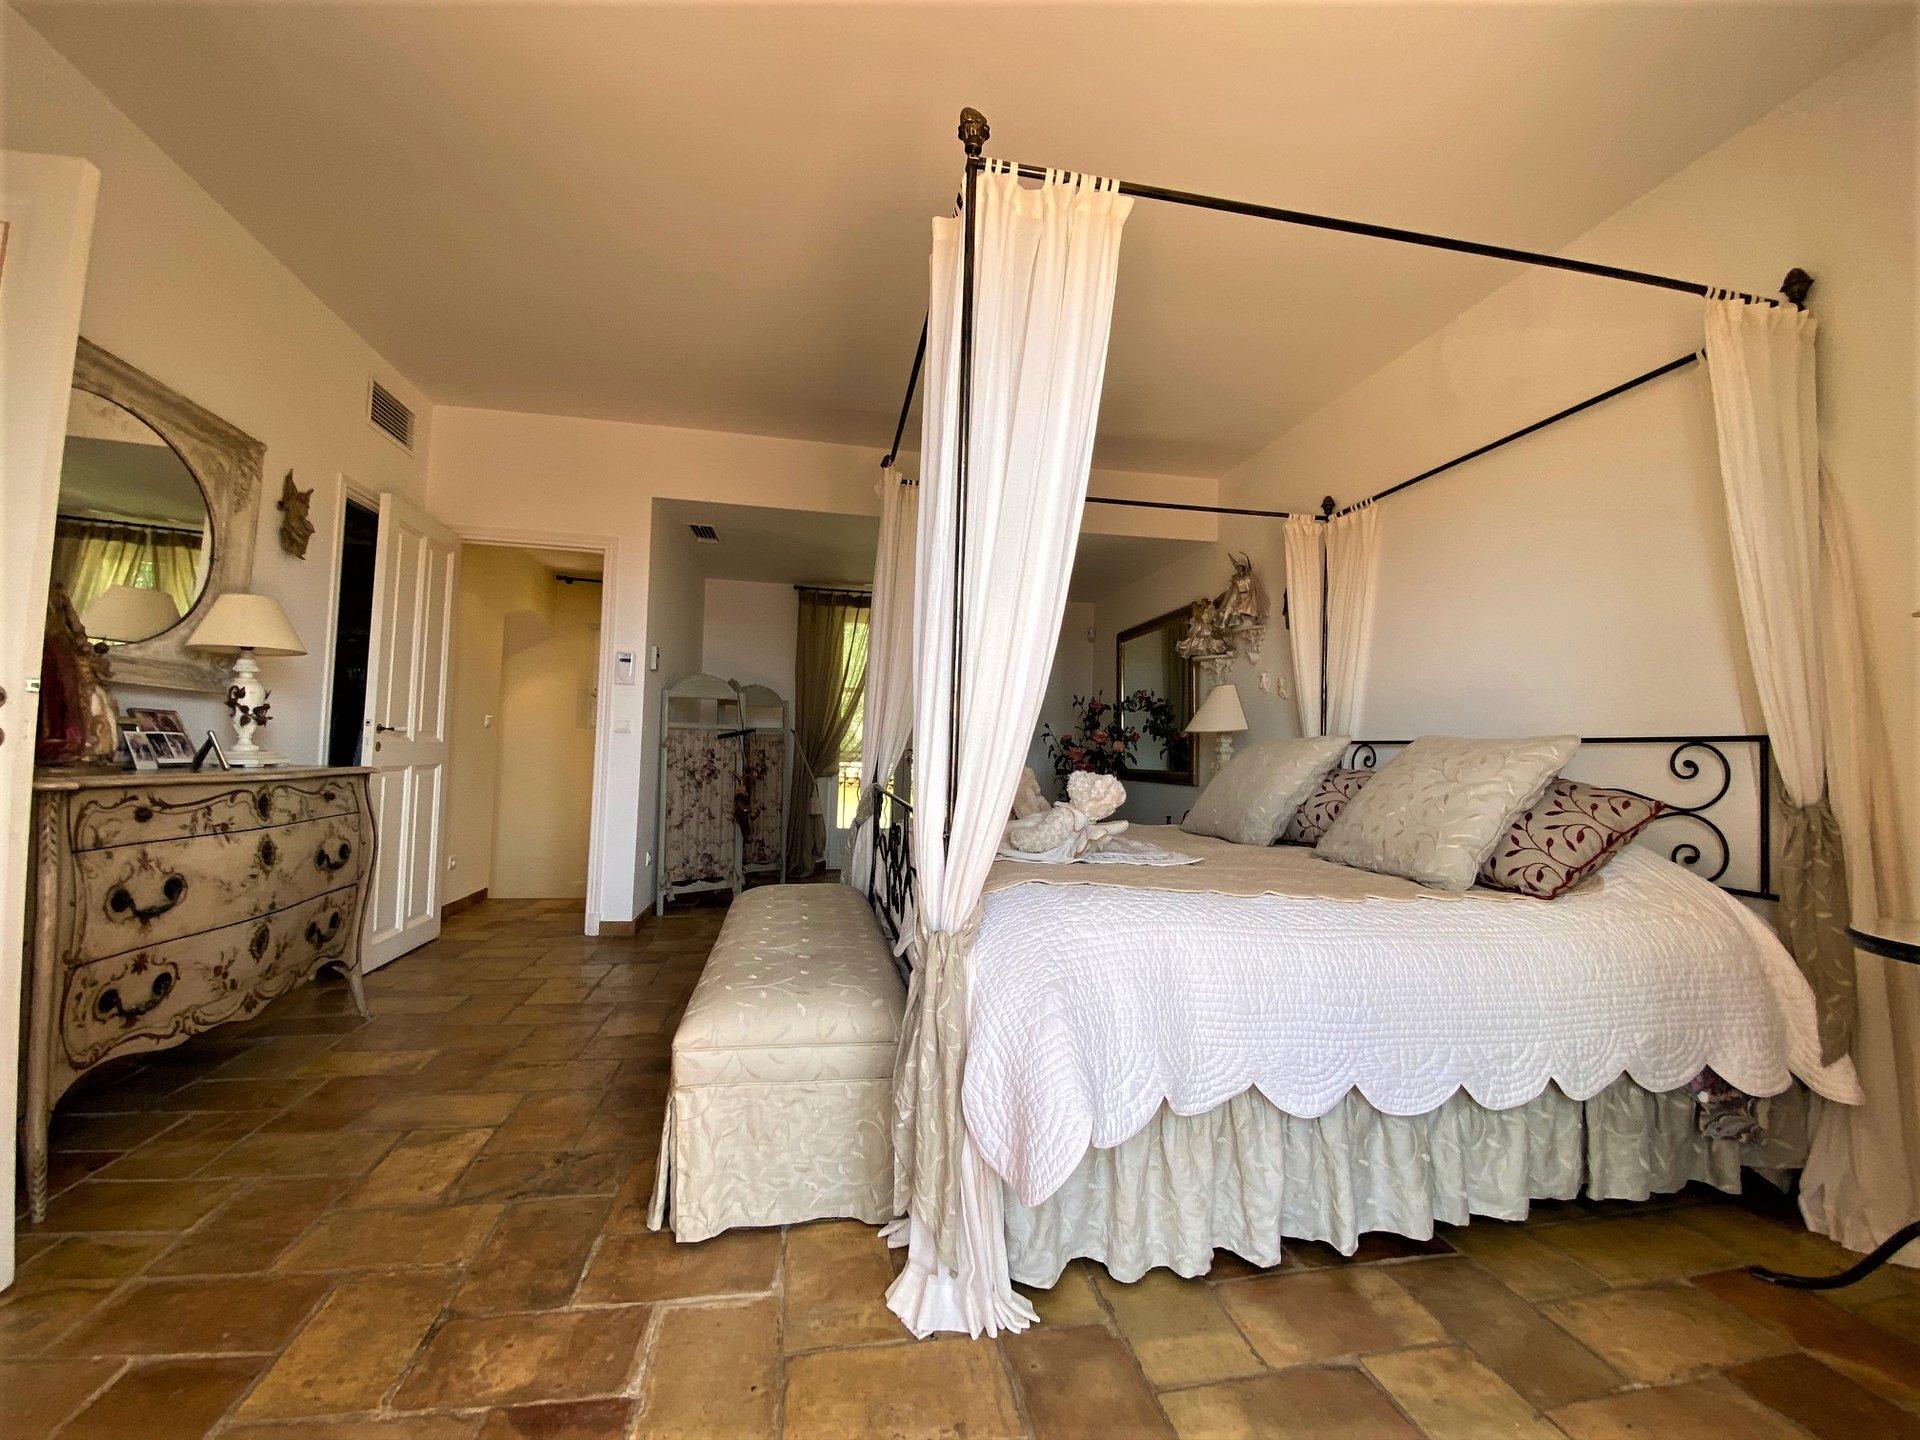 Te koop mooie provensaalse villa met prachtig zeezicht in Grimaud, Beauvallon Bartolle. Dit huis ligt ...